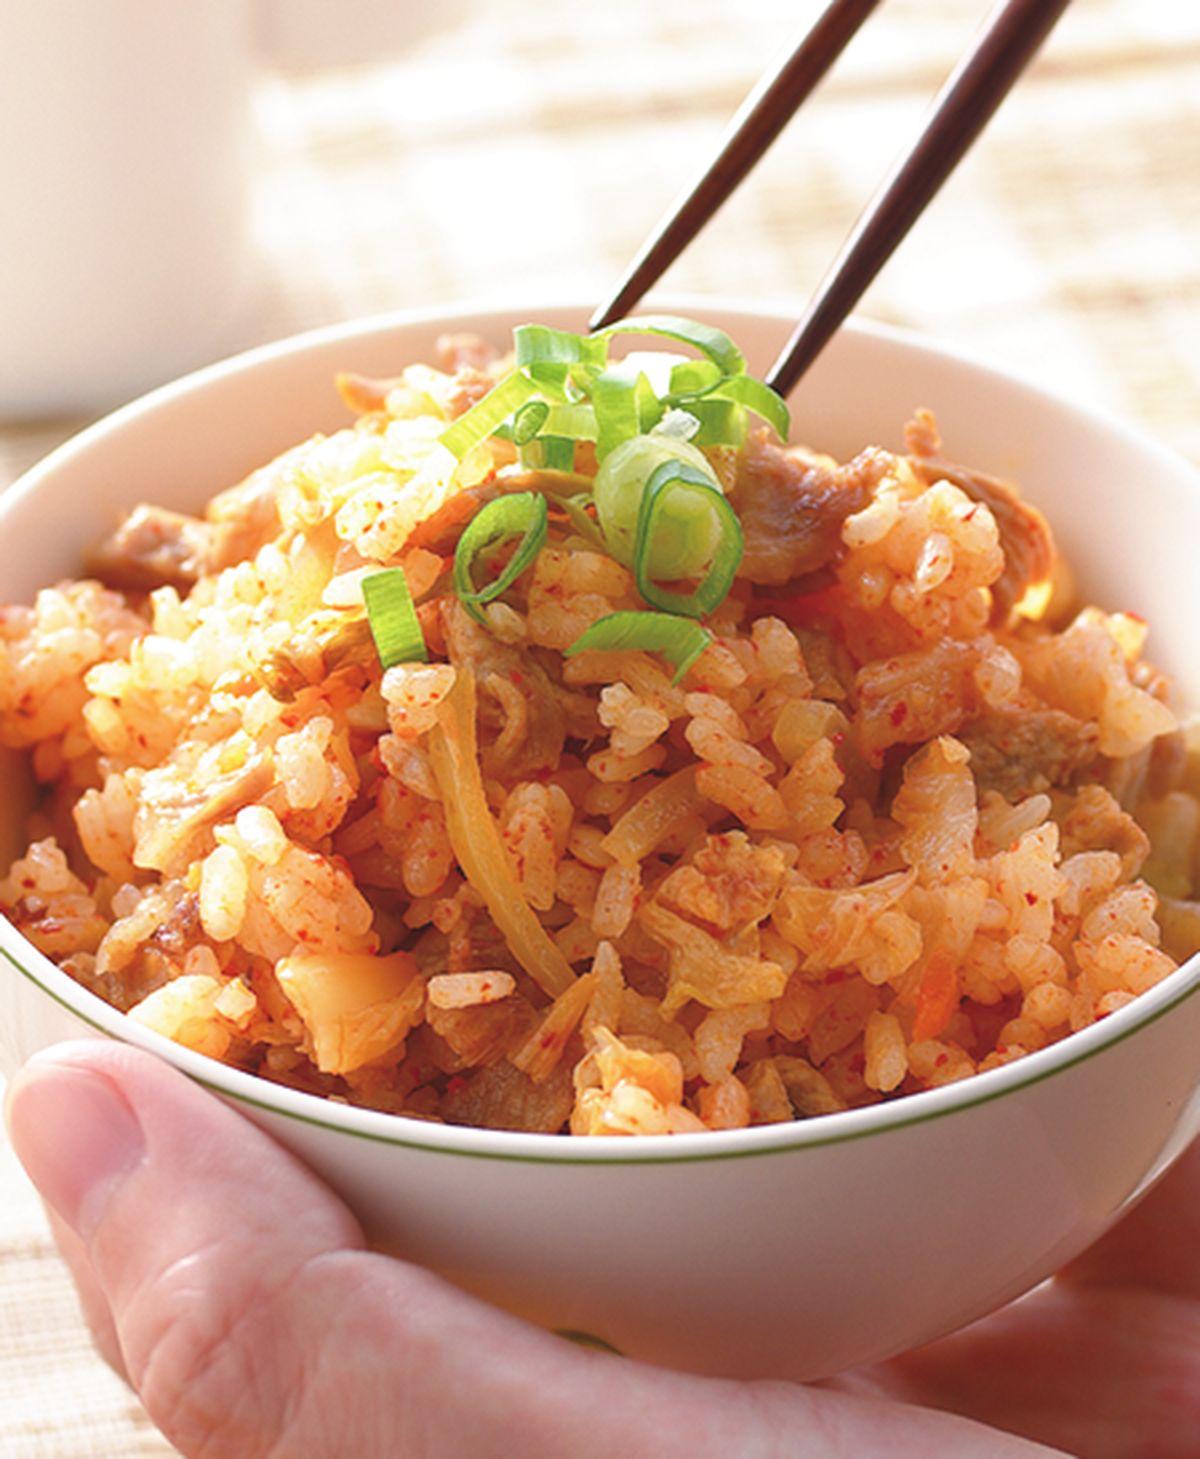 食譜:泡菜豬肉飯